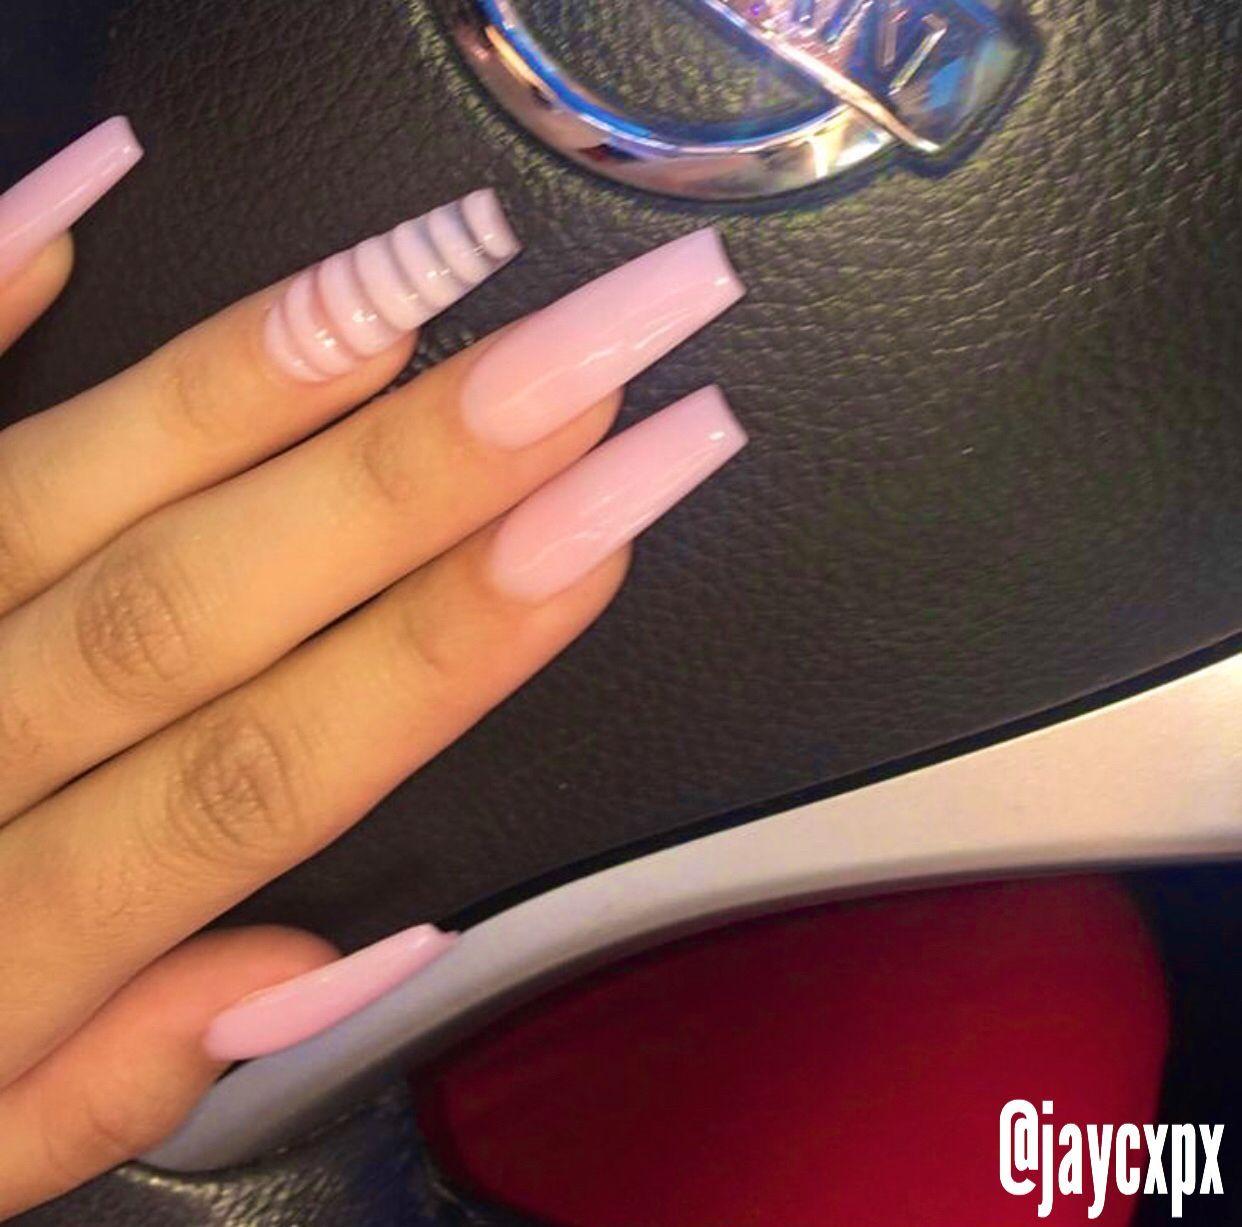 Follow Me Beautyndesign For More Slayin Pins Nails Nail Art Nail Nail Polish Nail Stickers Nail Art Ballerina Nails Cute Nails Pretty Acrylic Nails